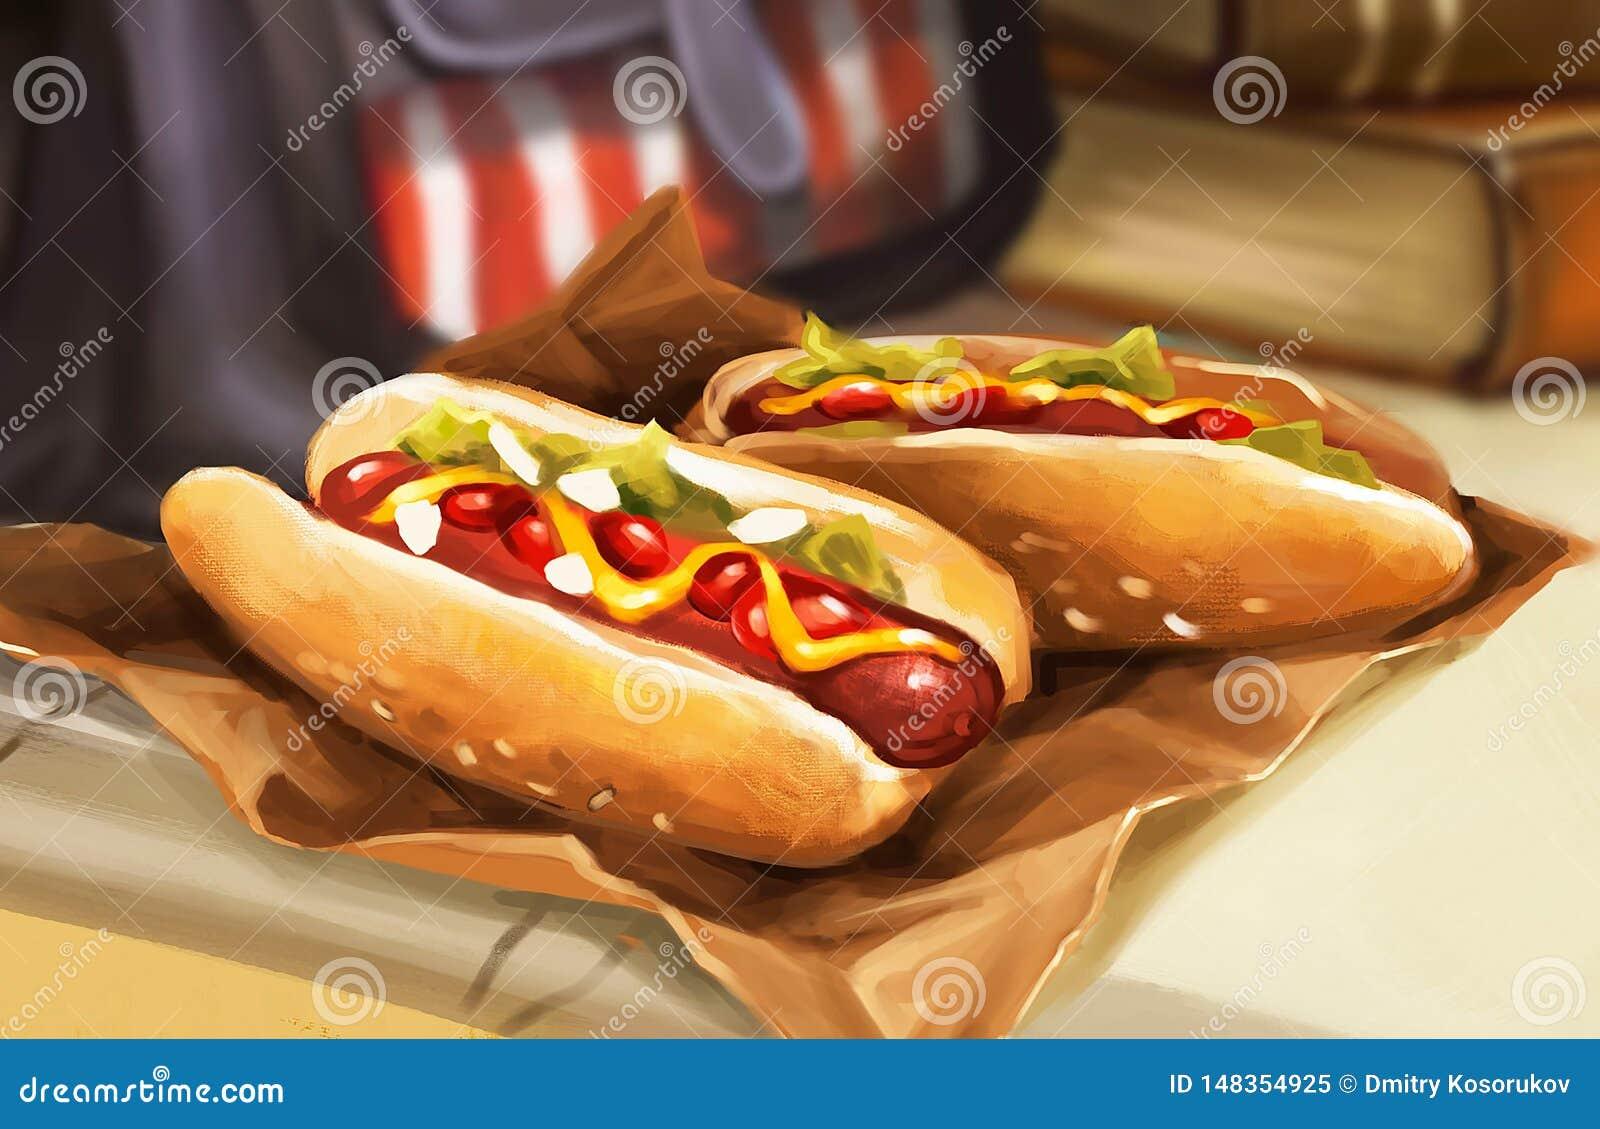 Ilustracja dwa hot dog na stole